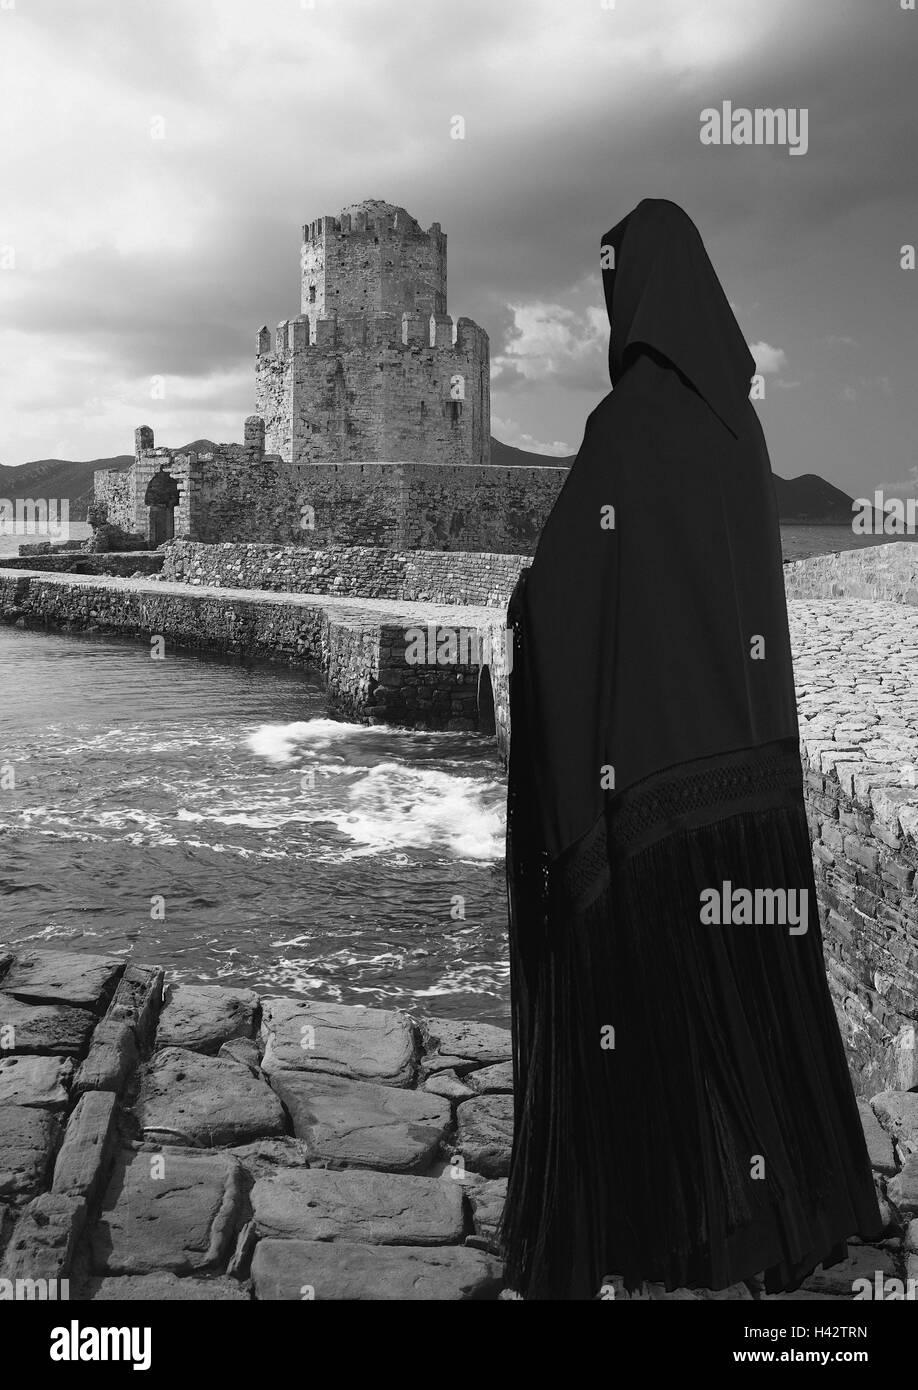 Küste, Burg, Statue, mystisch, geheimnisvoll, silhouette, s/w Stockbild